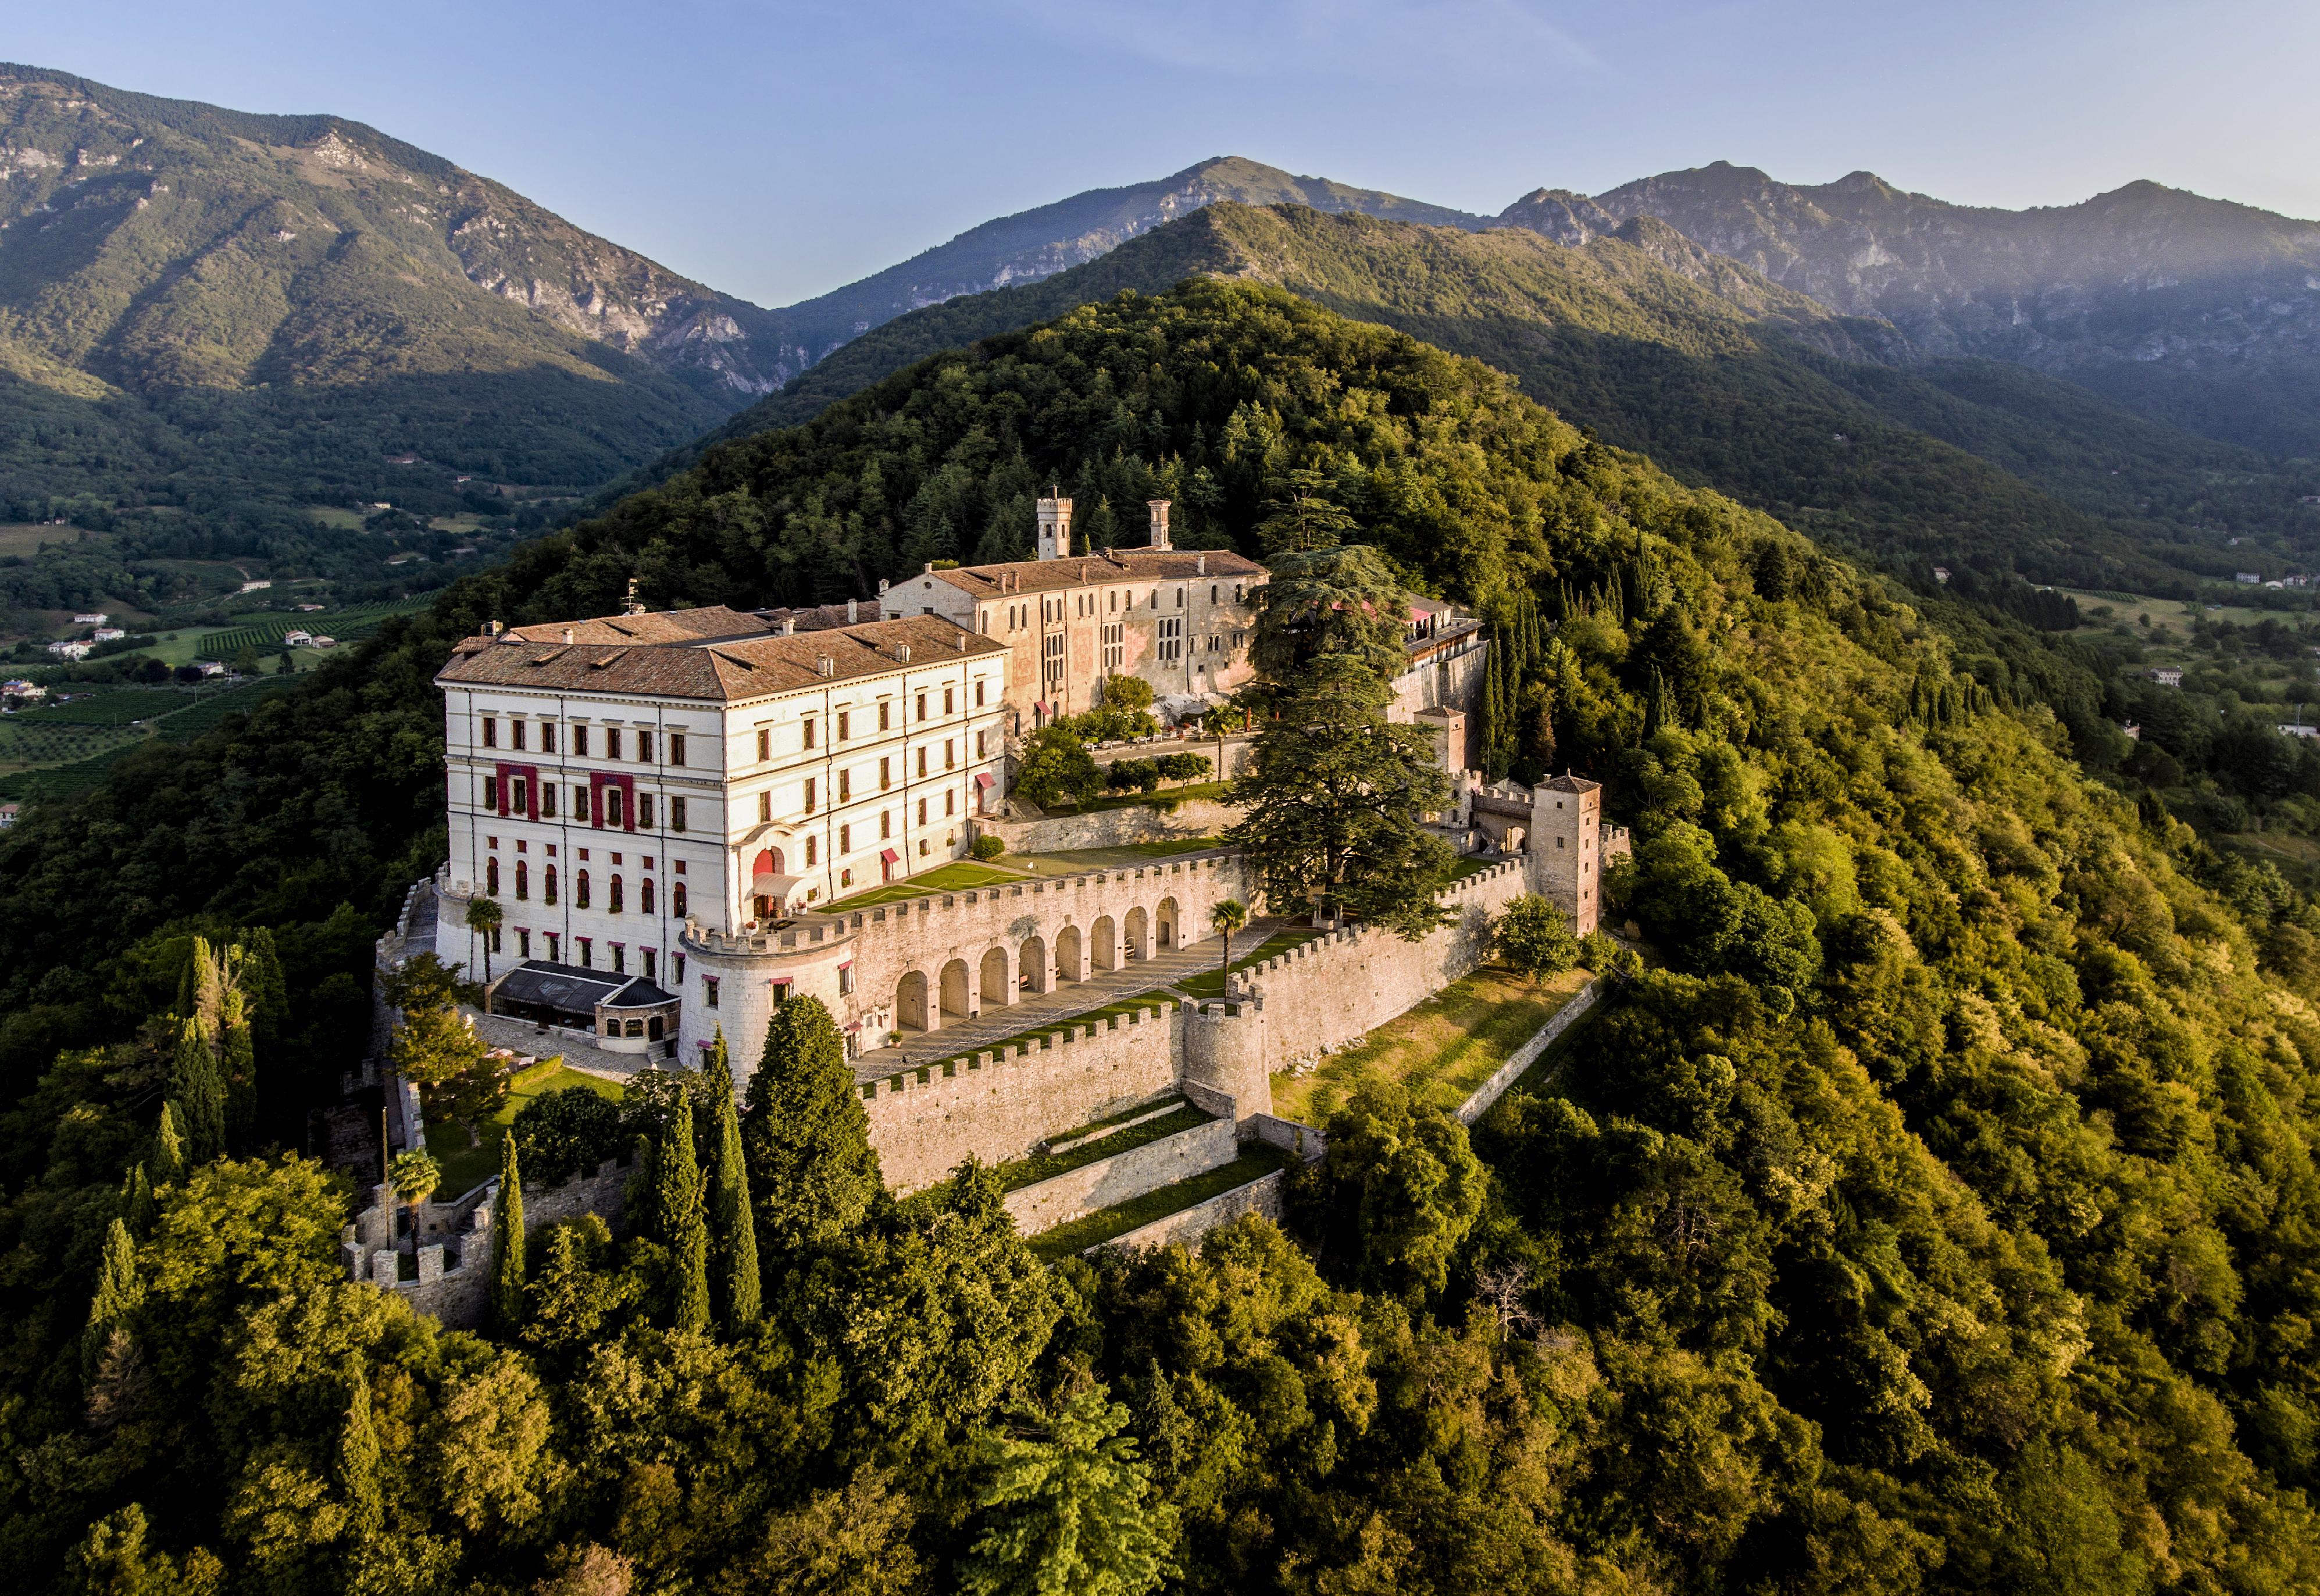 Umbria mia Tour 15 | Alto Adige & Friuli – Fahrspaß & Genuss zwischen Dolomiten und Adria – September/Oktober 2020